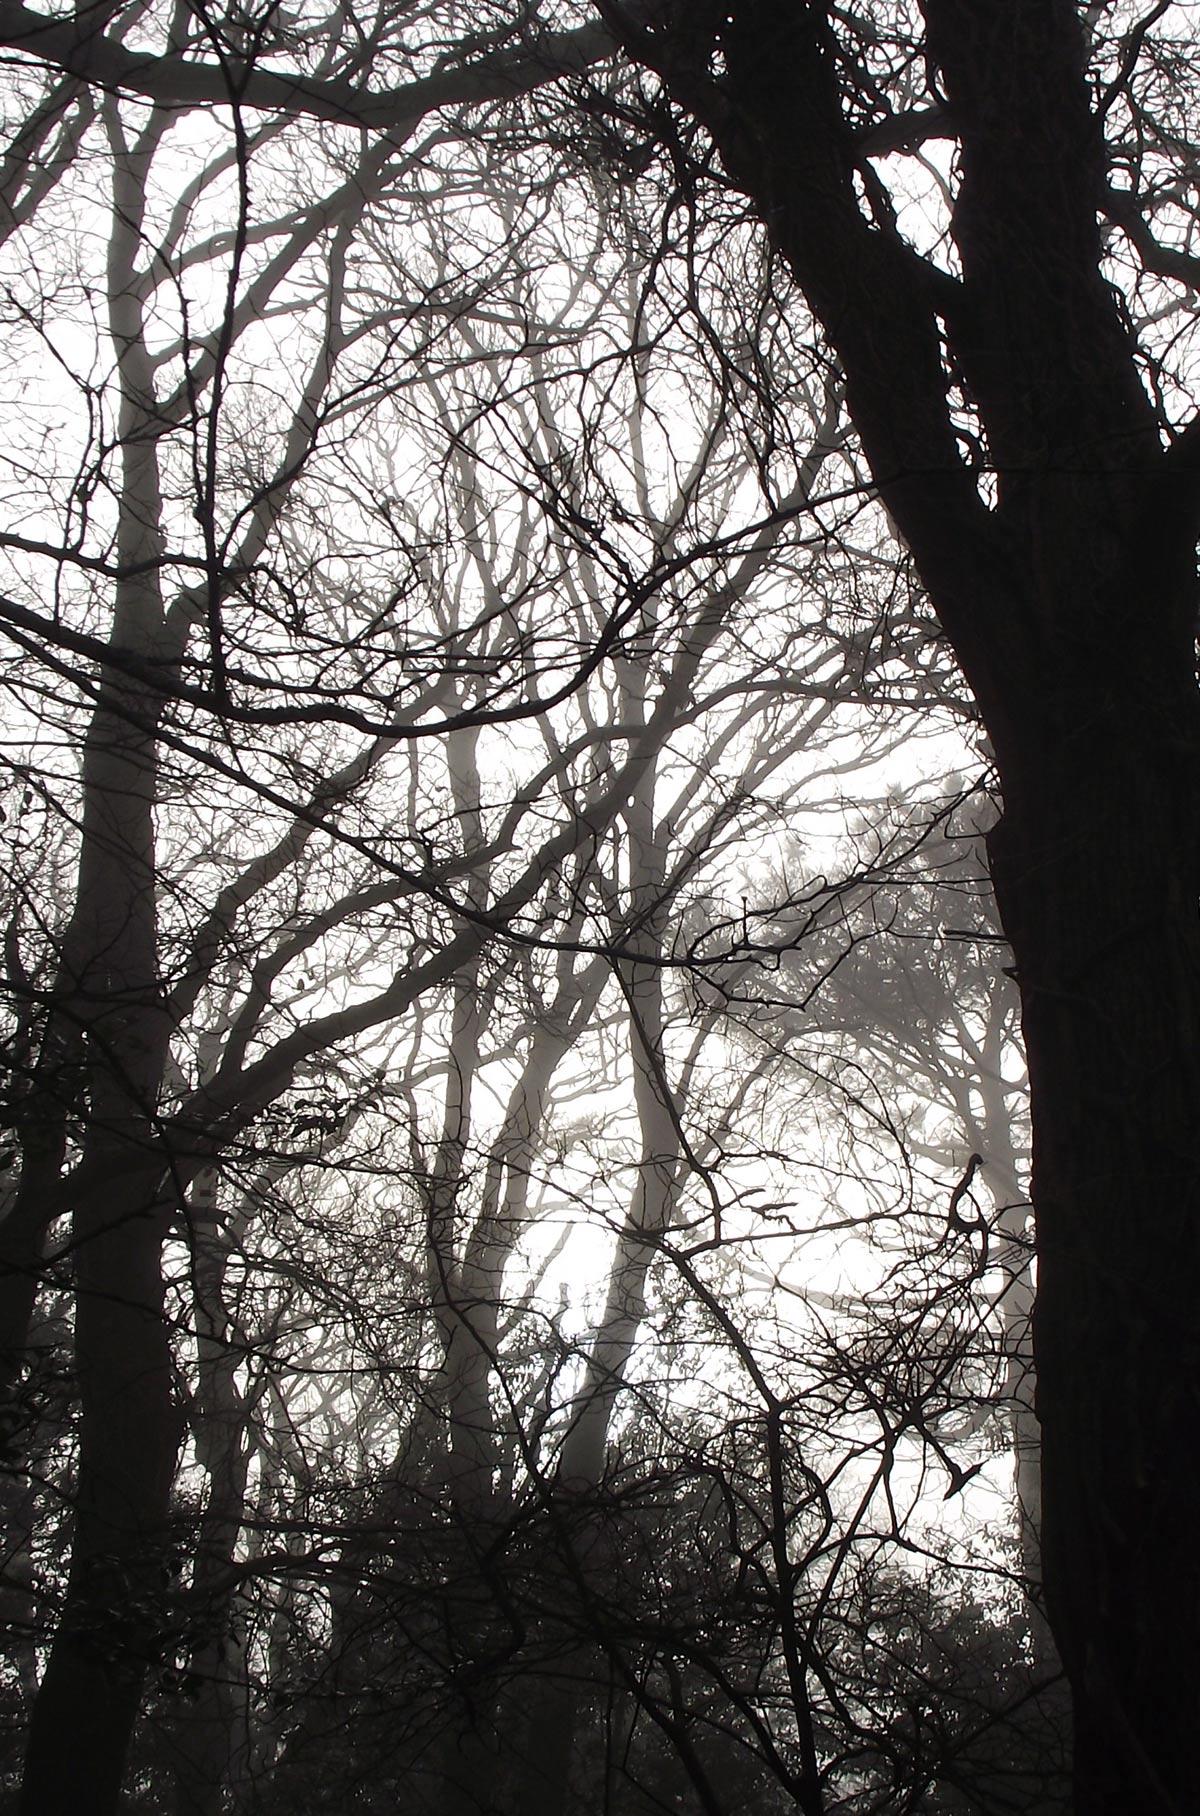 Ilustración gratis -Paisaje con árboles y niebla